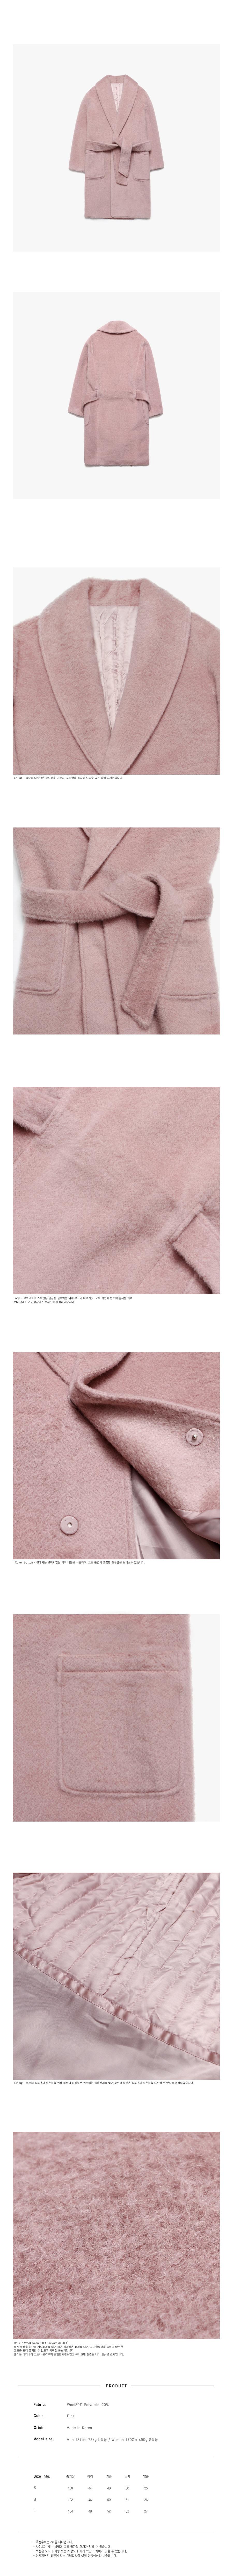 라퍼지스토어(LAFUDGESTORE) 테디베어 로브 코트_Pink